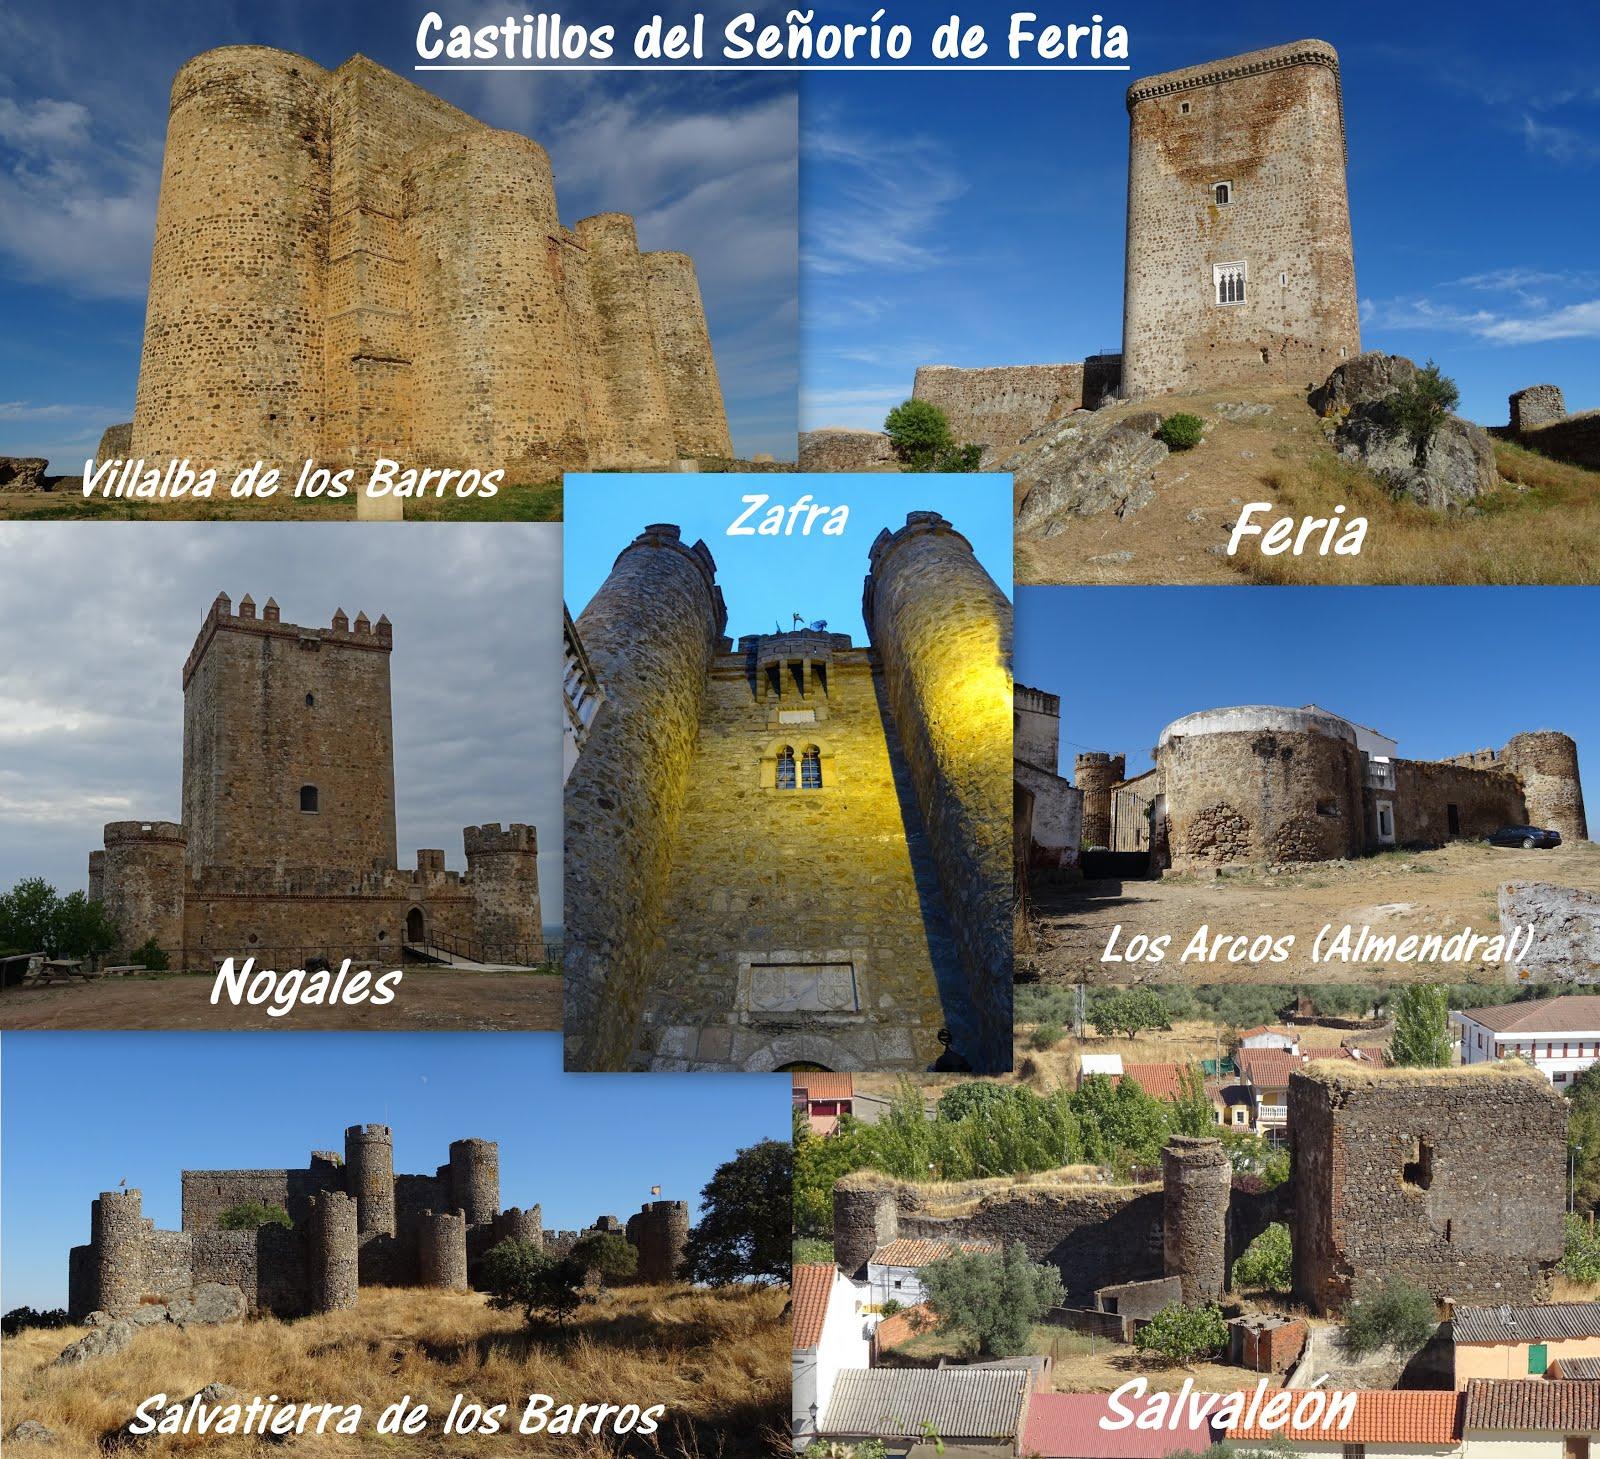 Castillos del Señorío de Feria